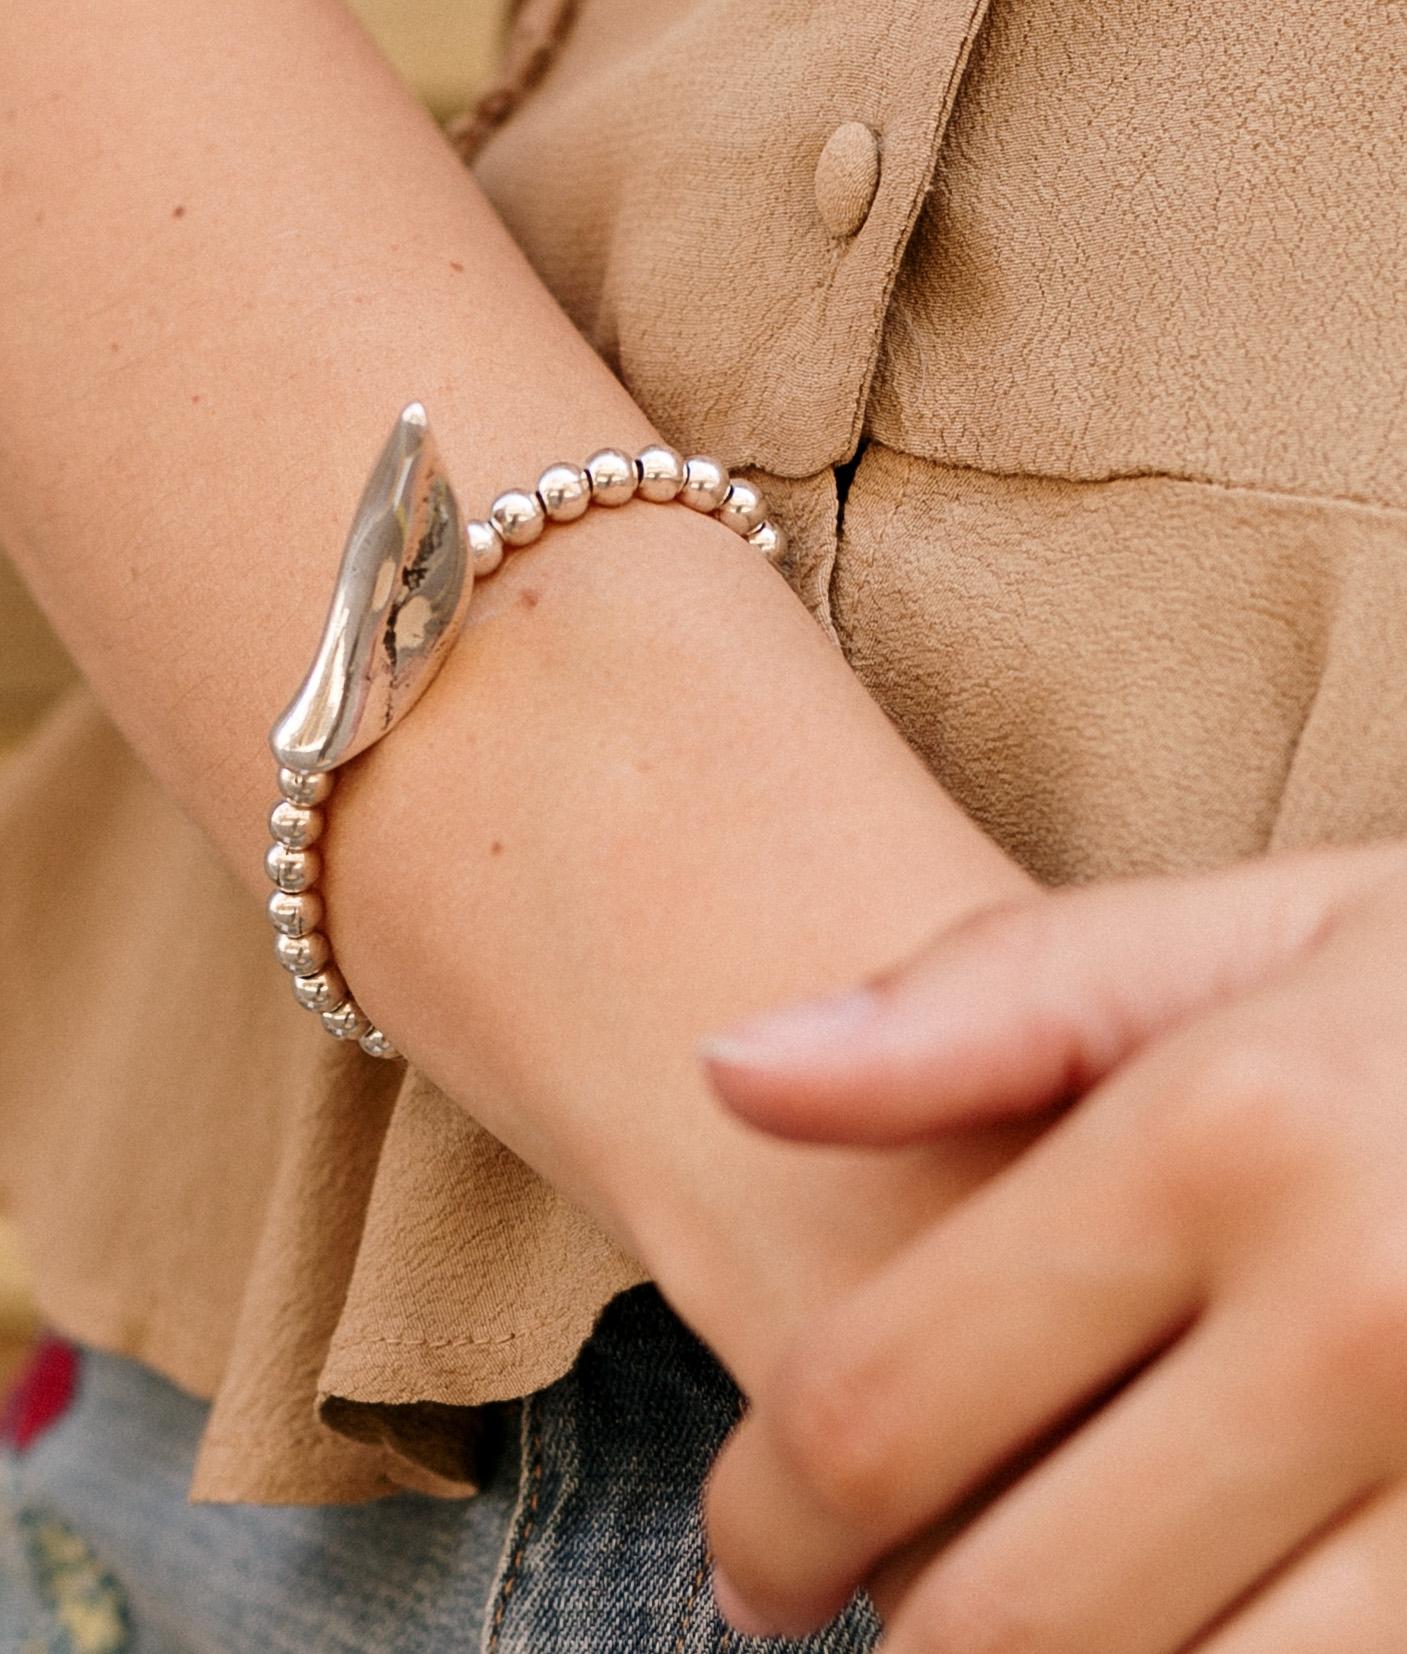 Bracelet Repámpanos - Silver